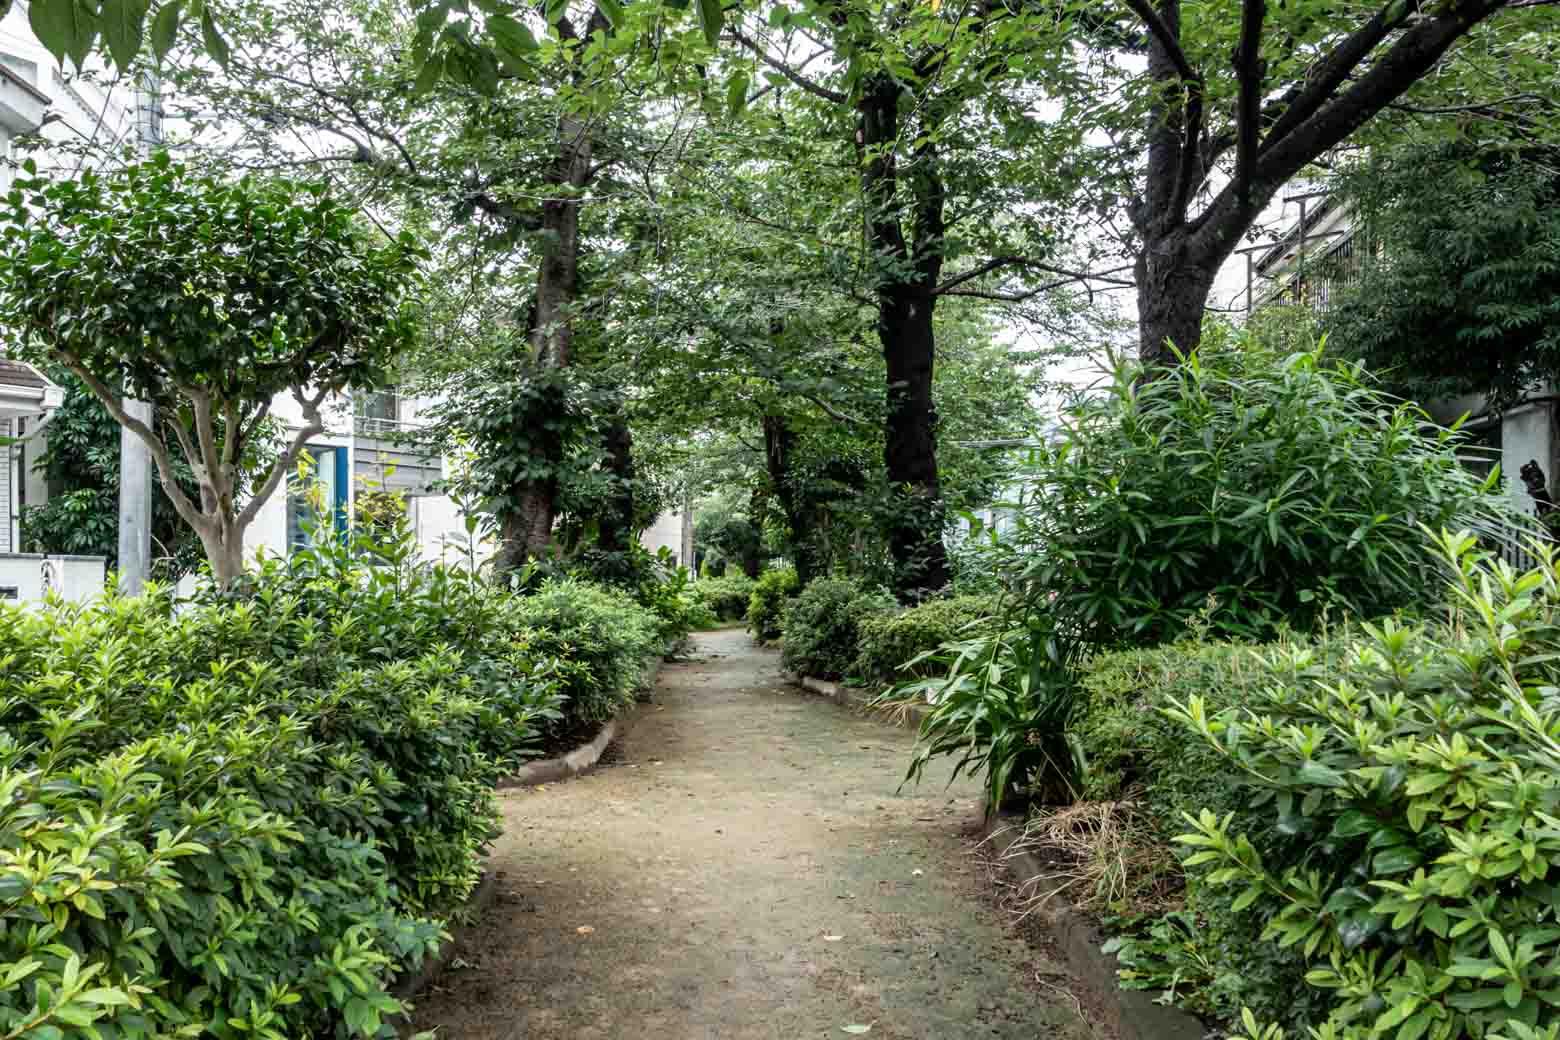 緑道が多いのがこのエリアの特徴。休日にはお散歩を楽しみたいところです。